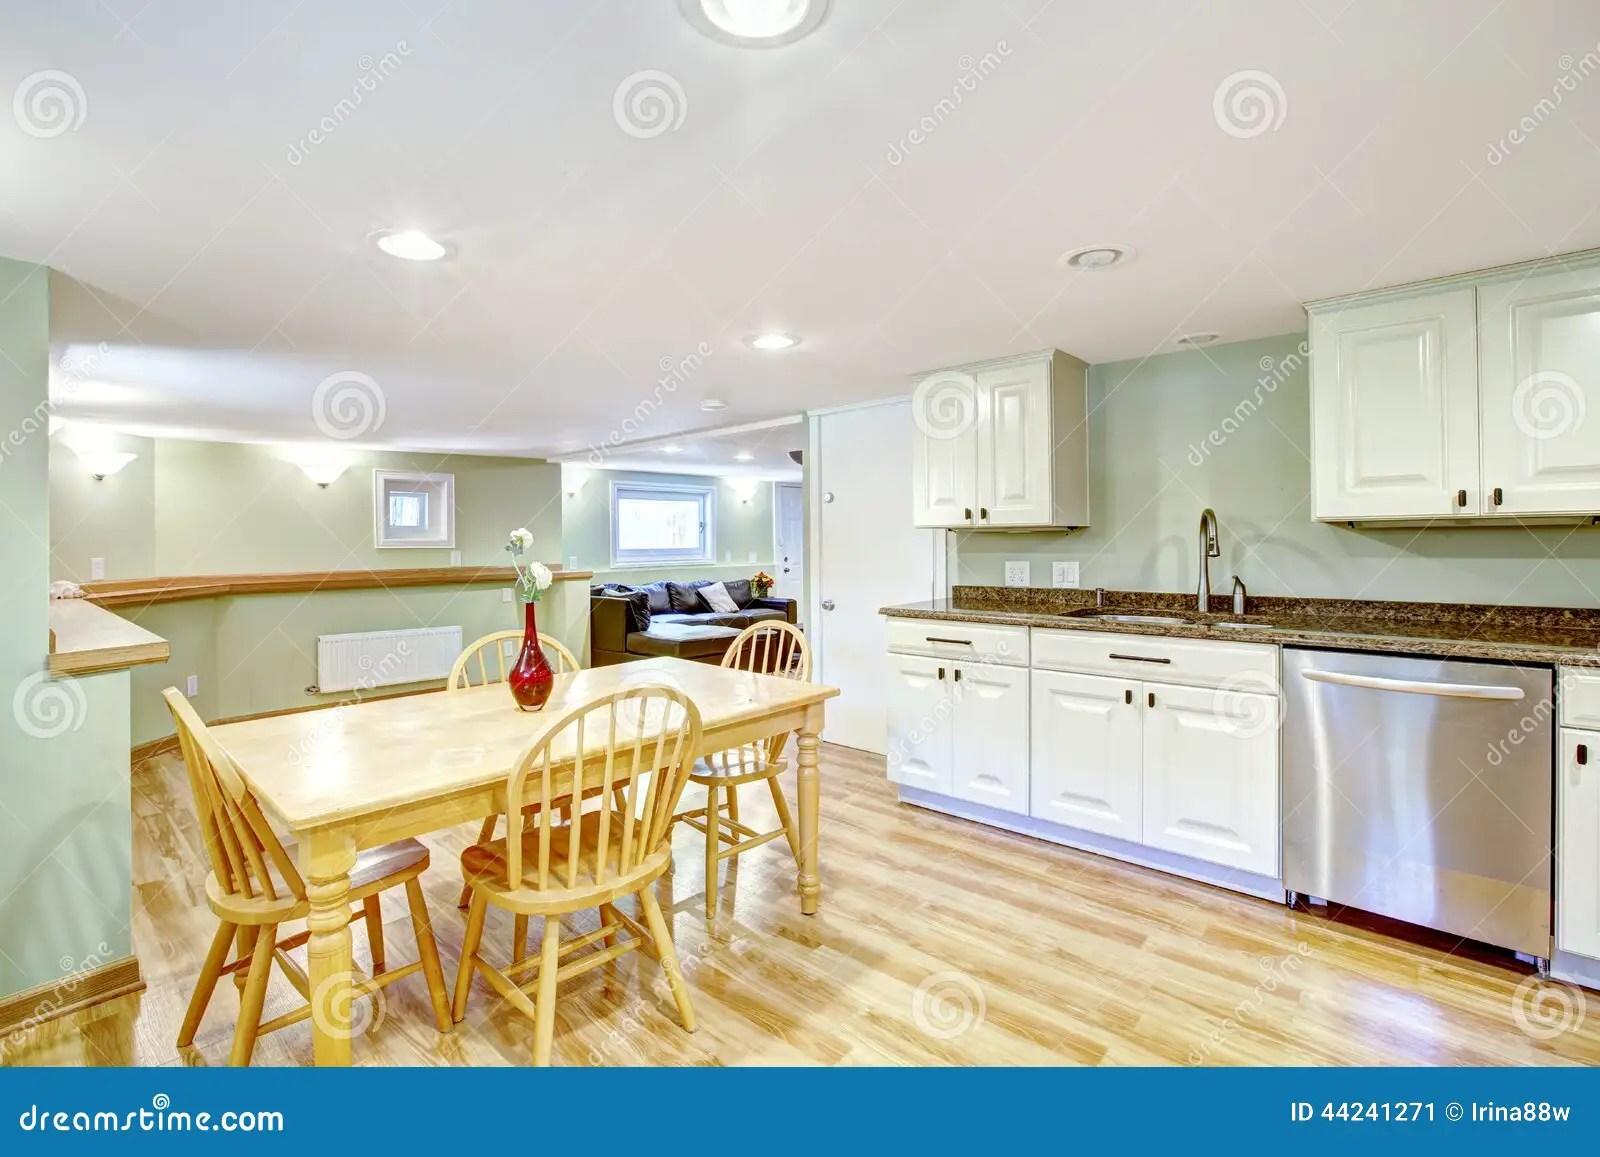 light mint basement kitchen room mother law apartment rustic dining garage plans shops mother law suites apartments bonus